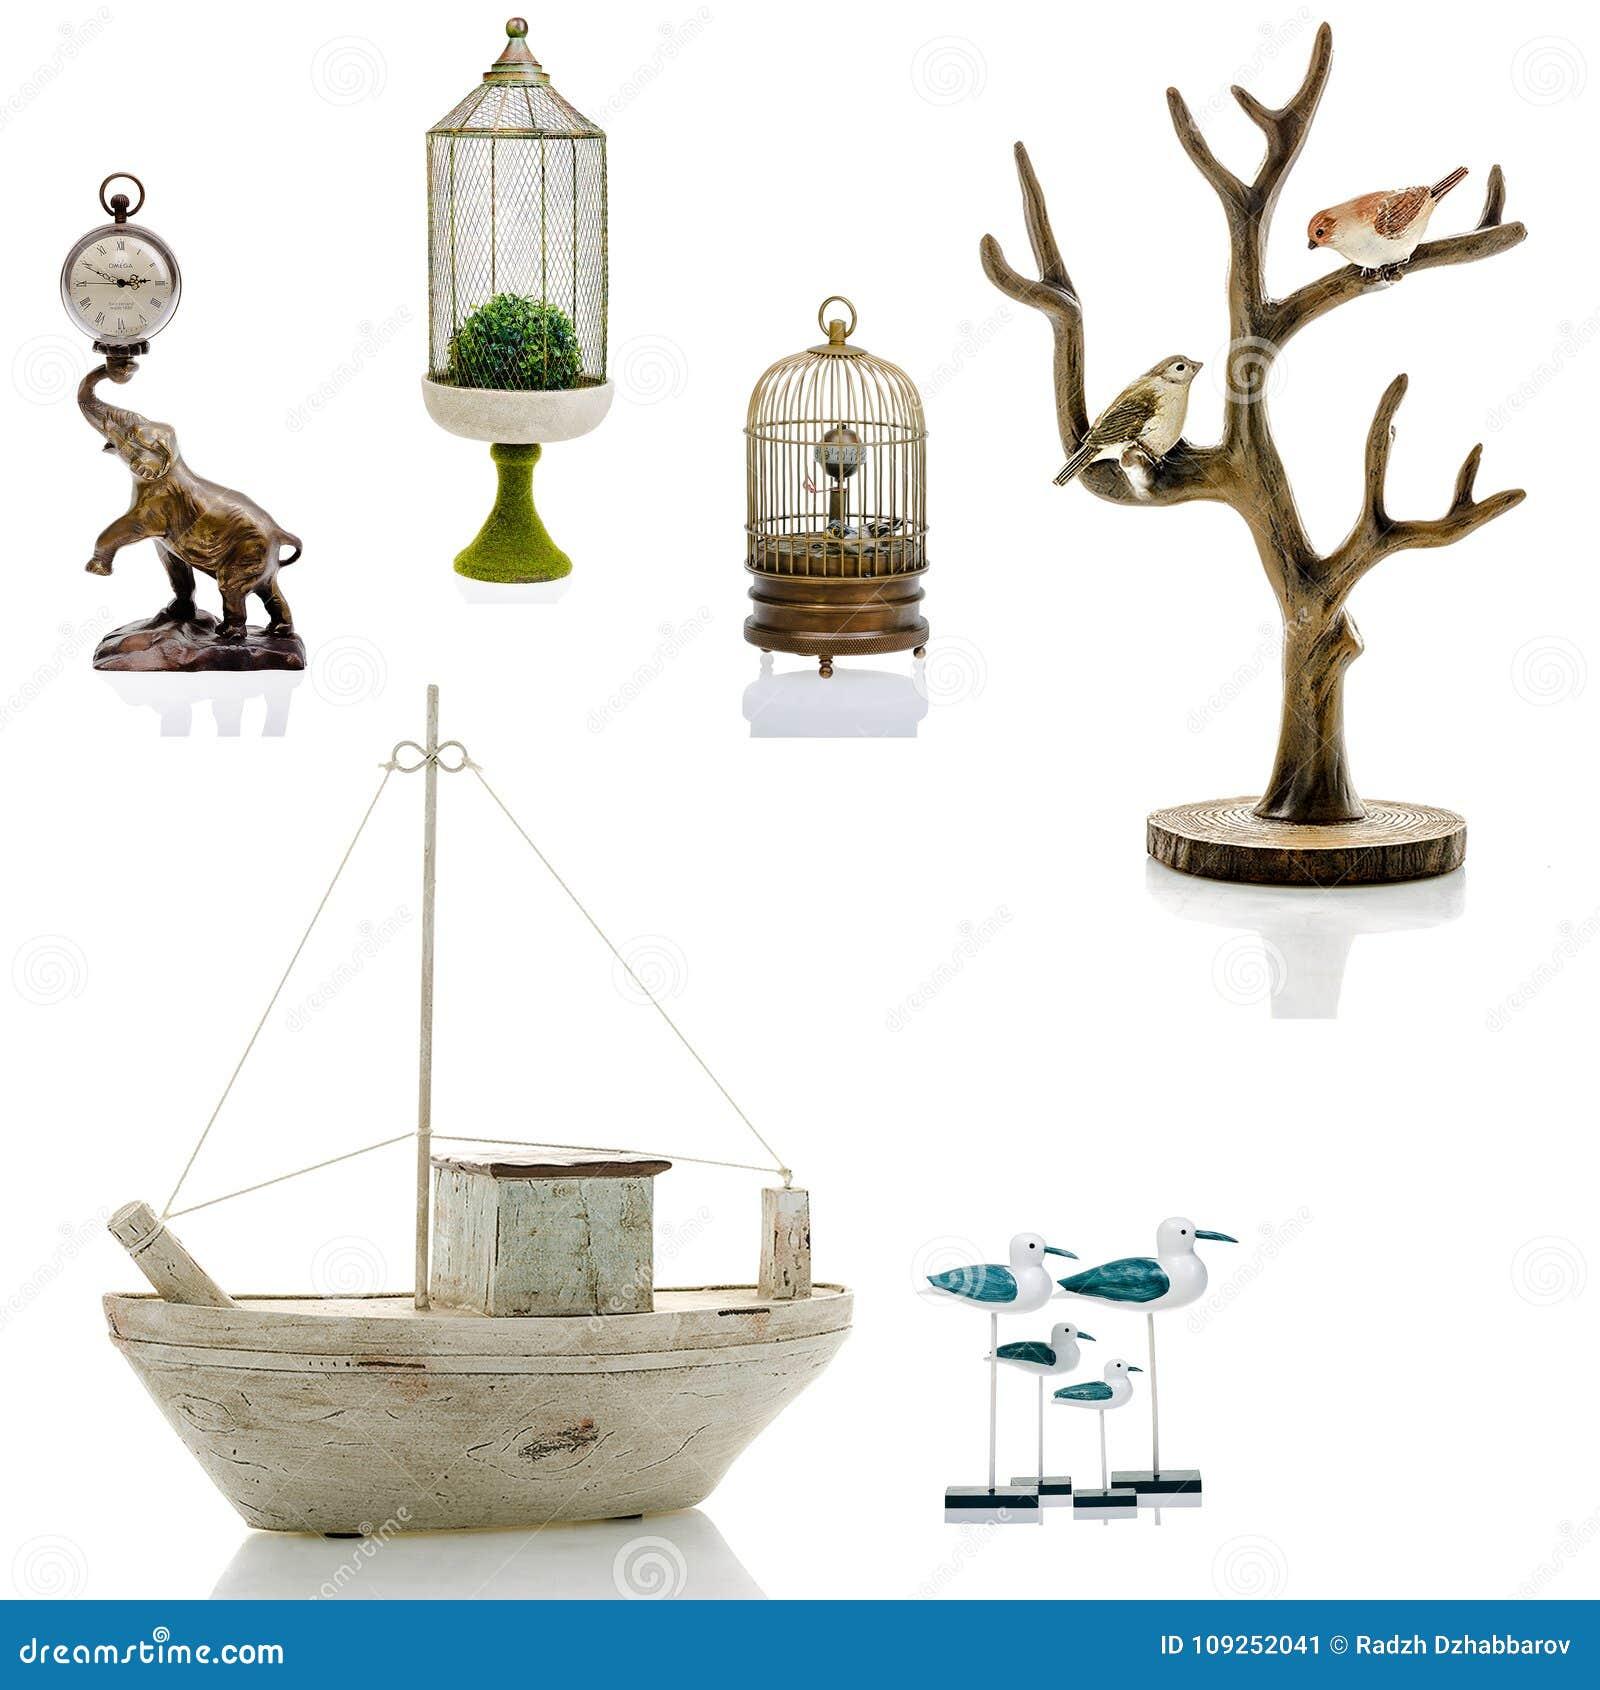 Figurines décoratives, statuette, accessoires pour un intérieur